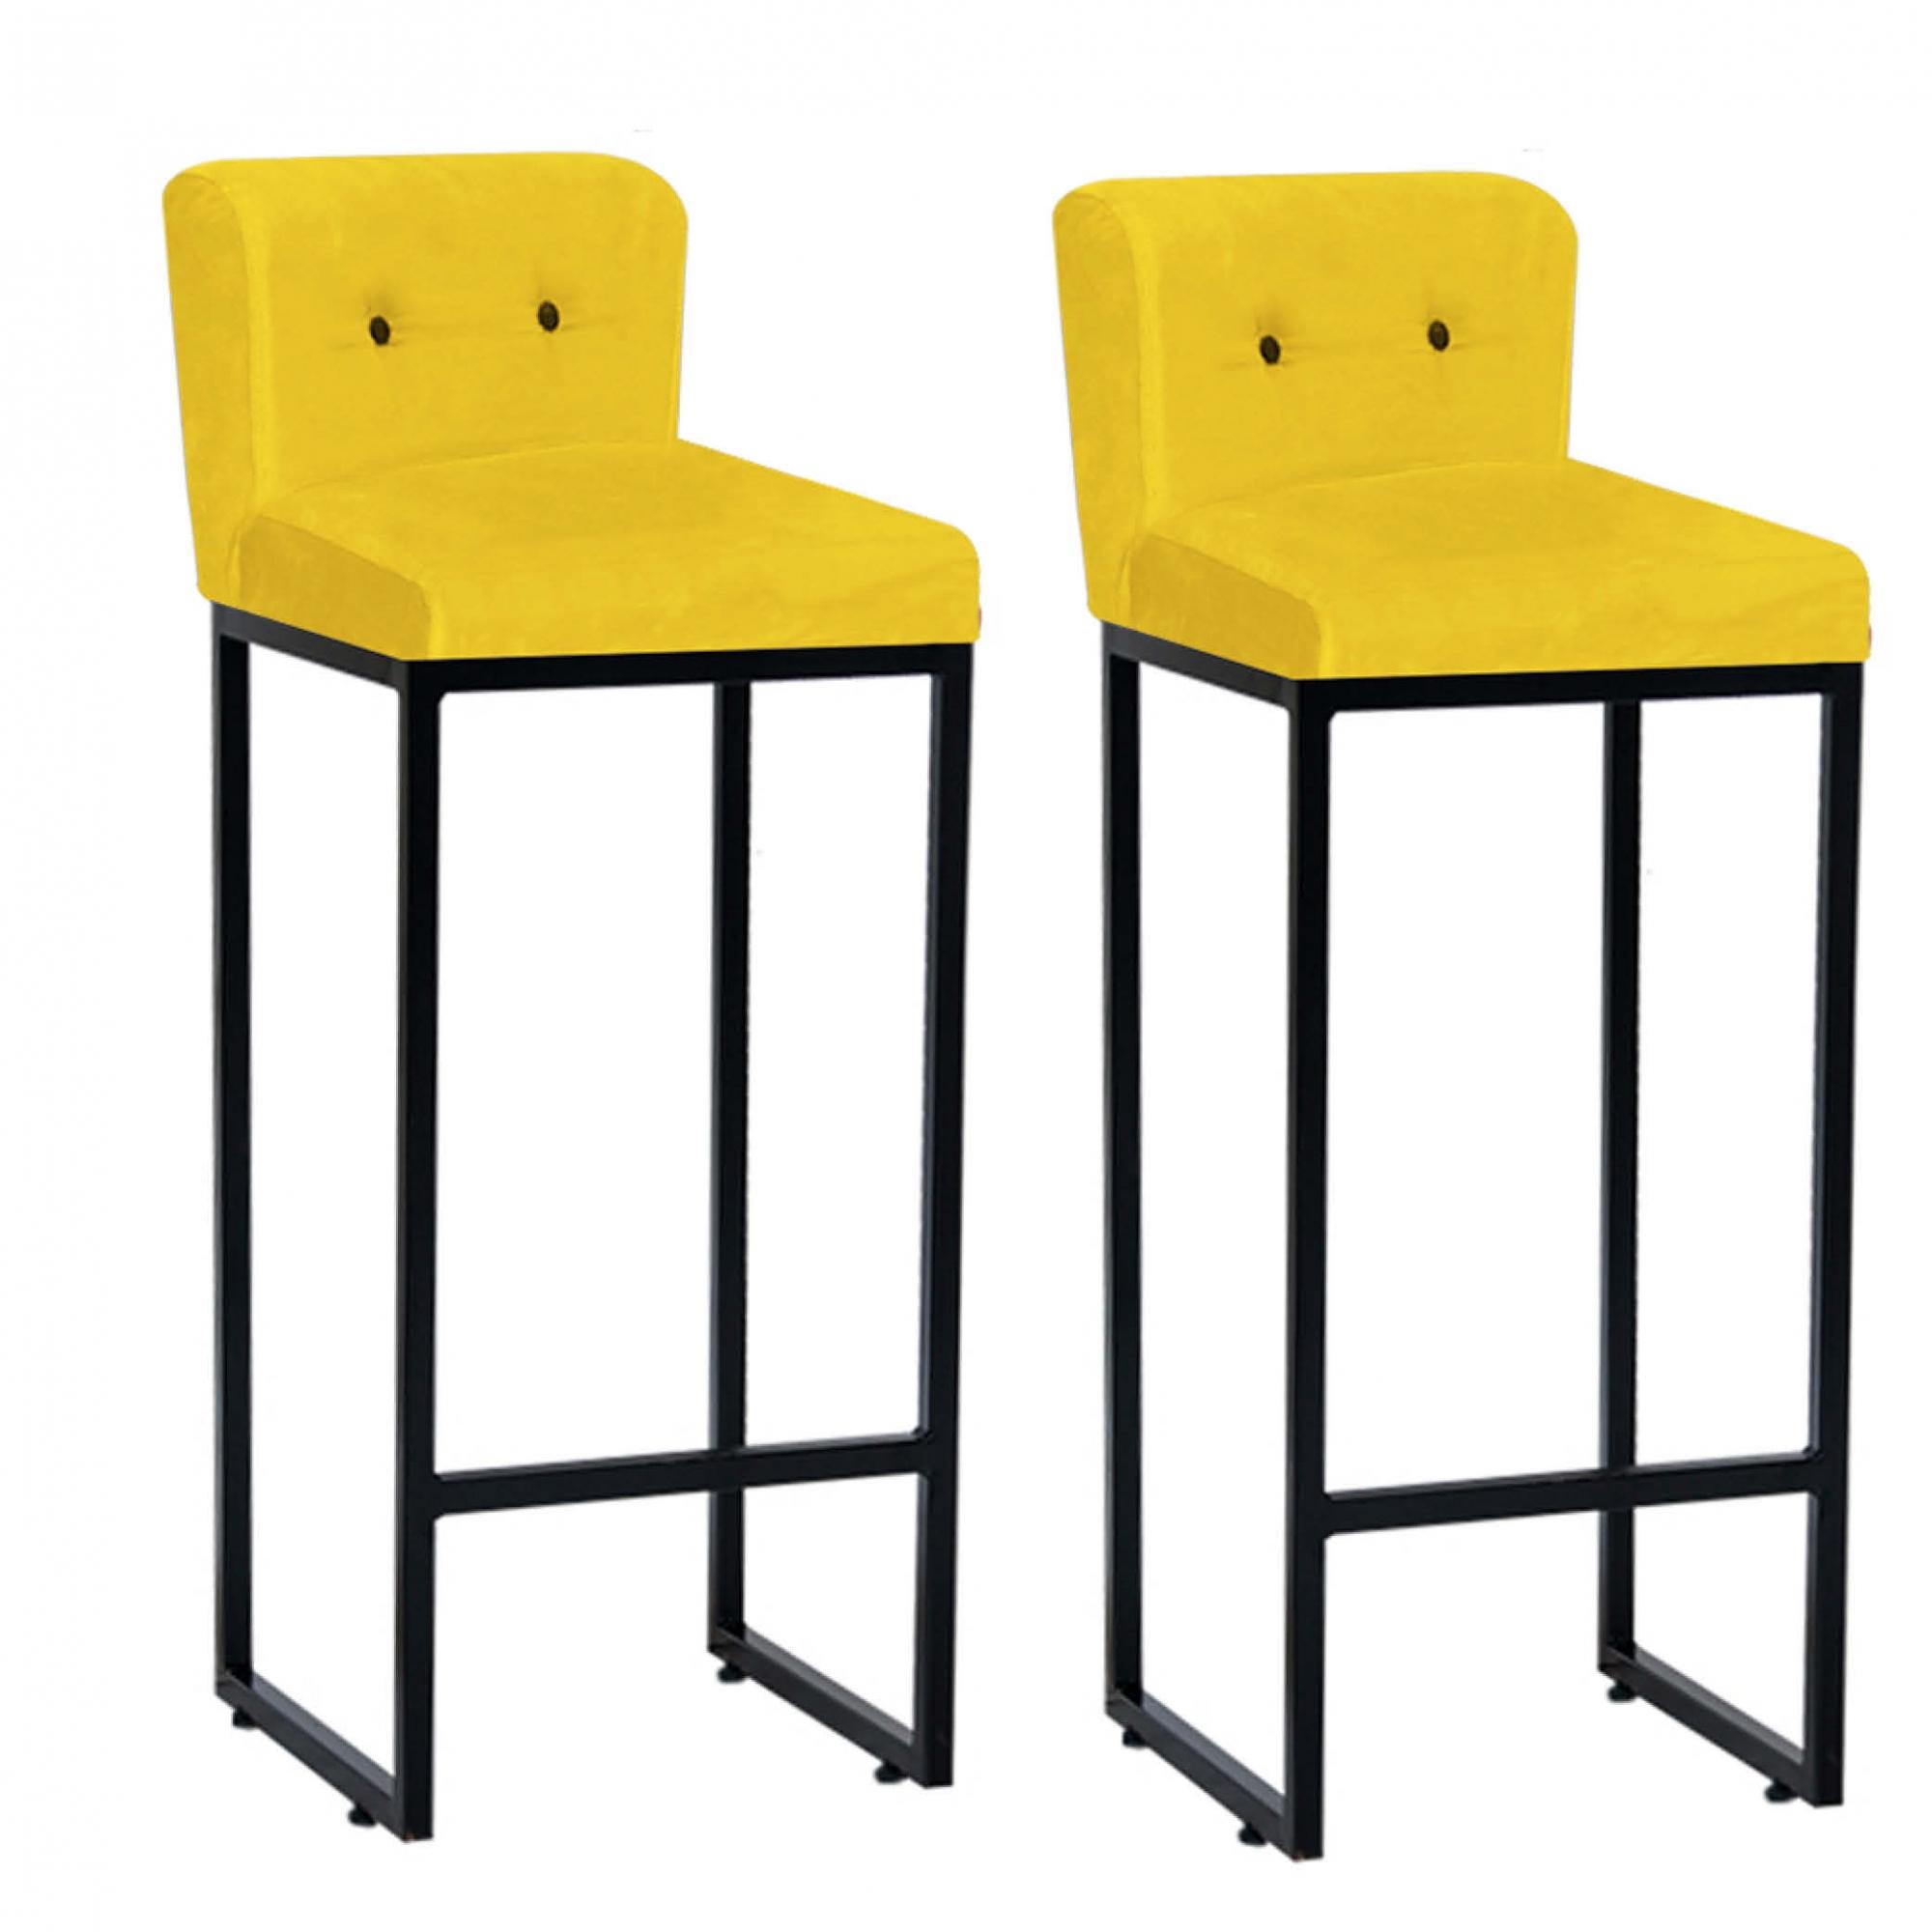 Kit 02 Banquetas Decorativa Alta Loues Tecido Sintético Amarelo Com Botão Preto e Encosto Para Cozinha Bar Balcão Bistrô Pés de Ferro Preto -Bela Casa Shop